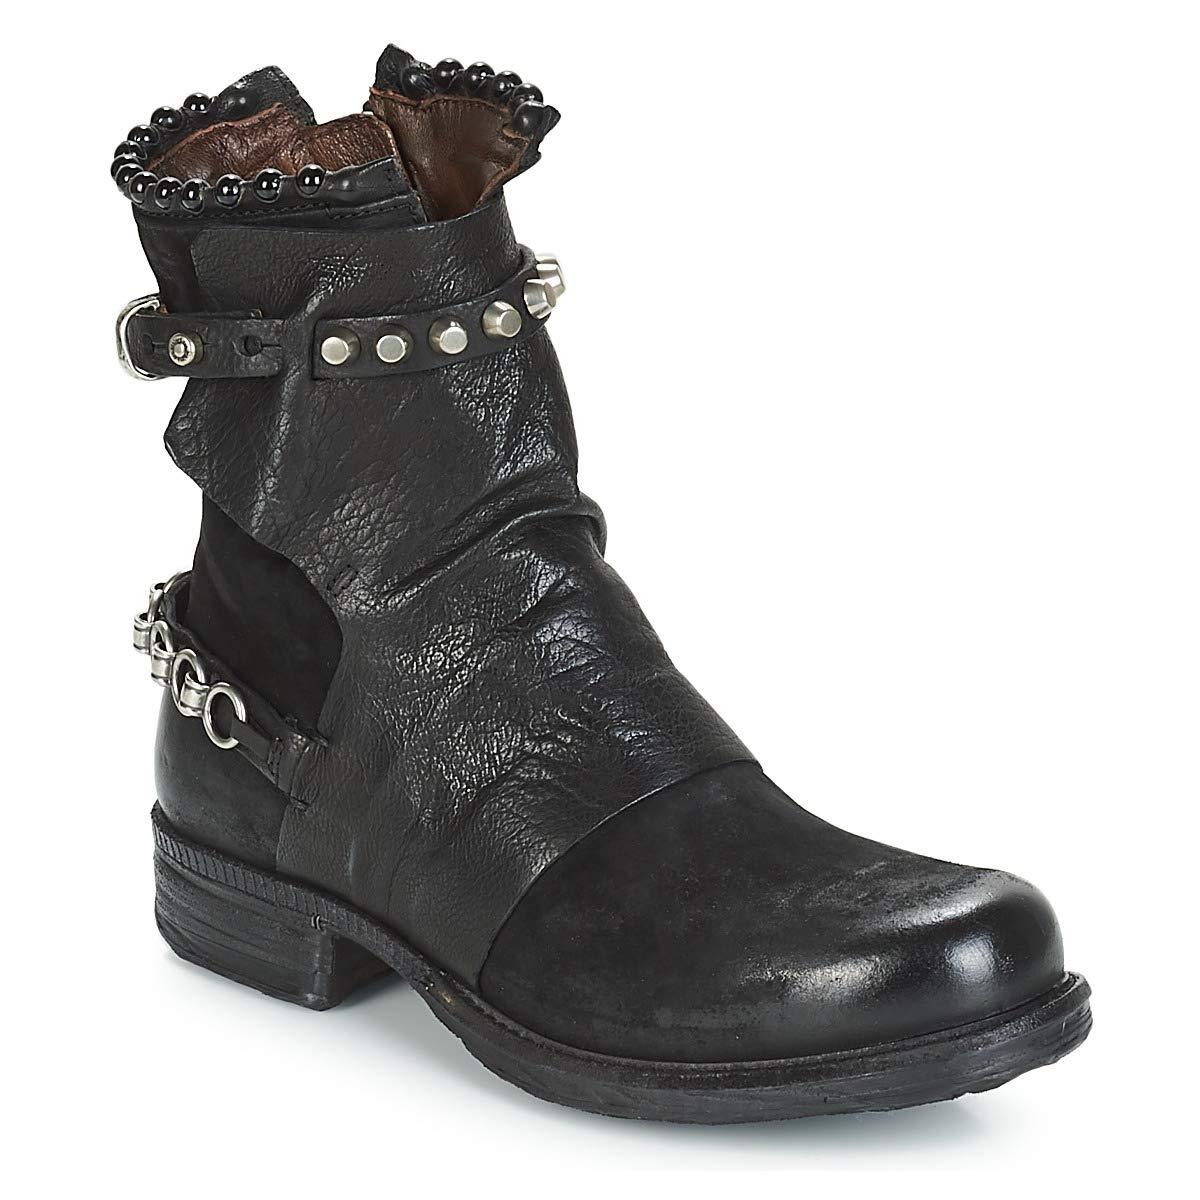 Stivaletto A.S. 98 520275 schwarz Taglia 41 - Farbee schwarz